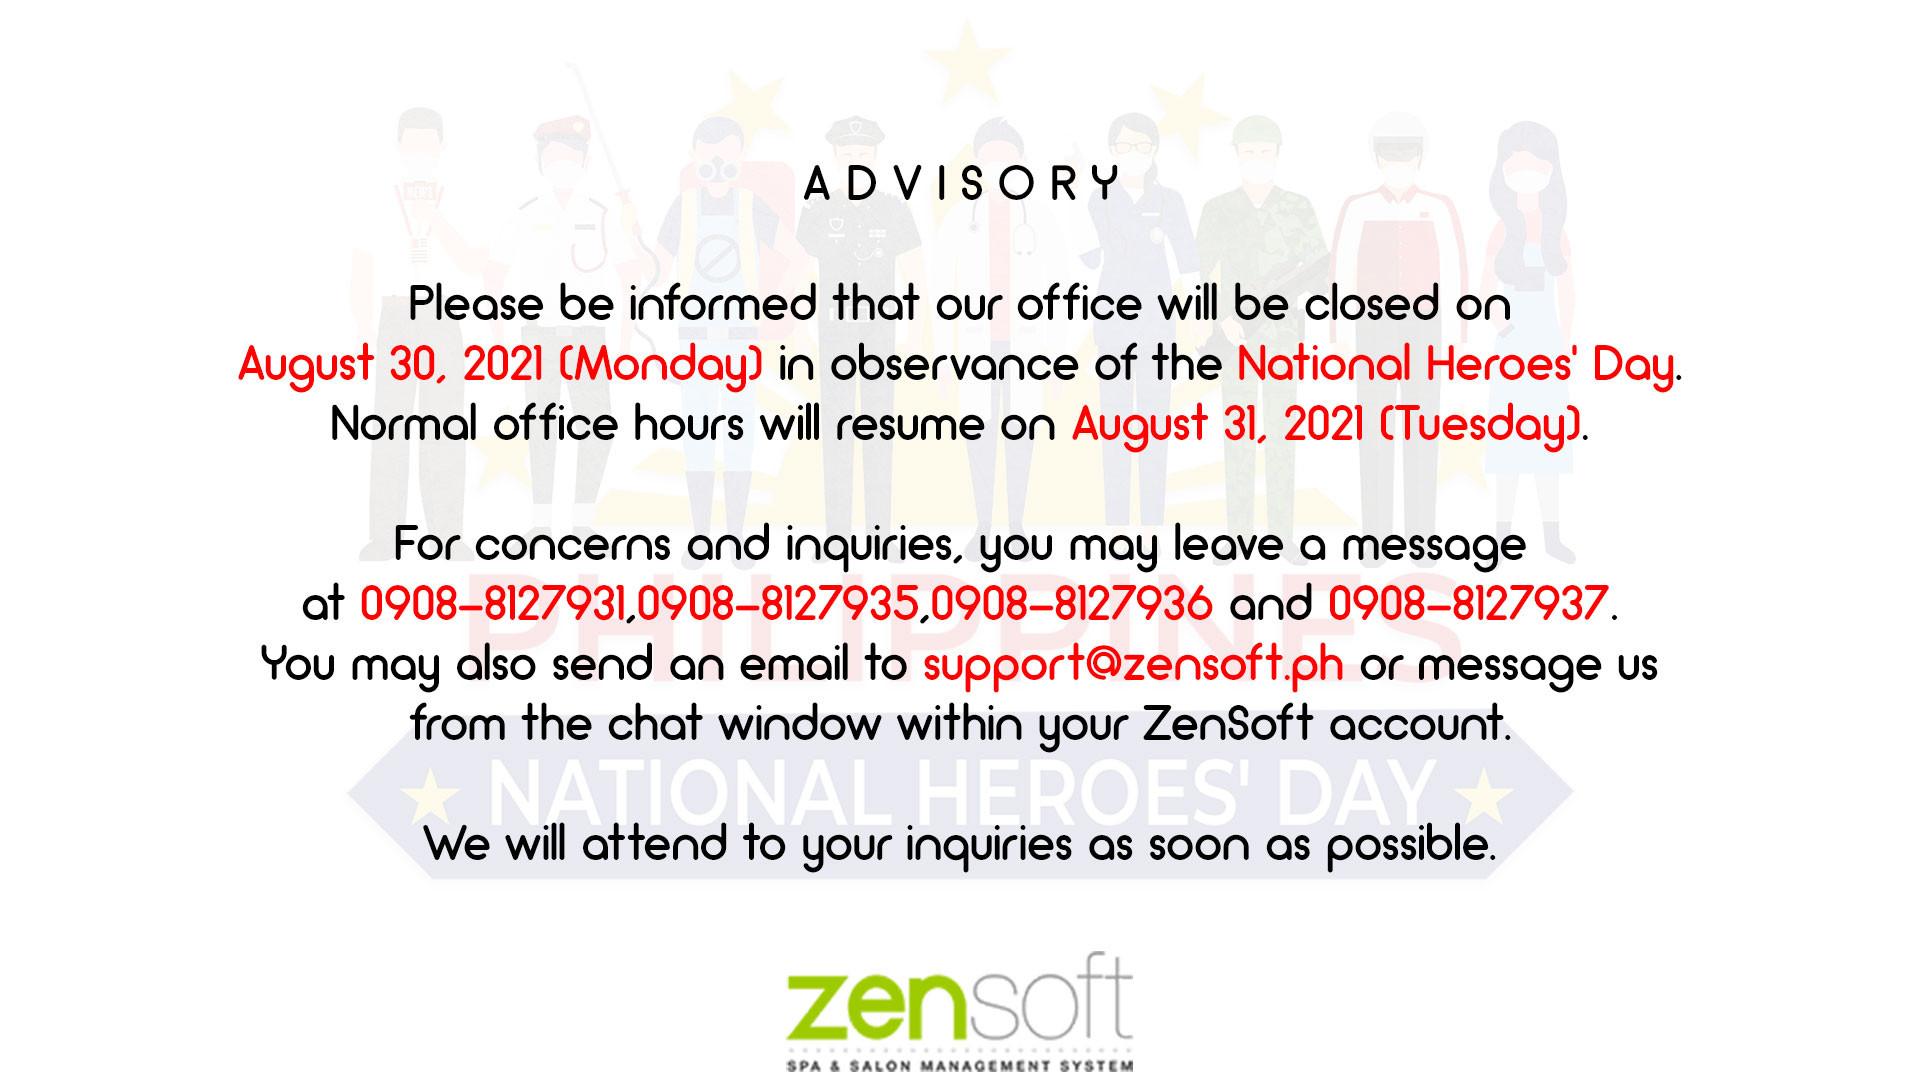 Zensoft Announcement